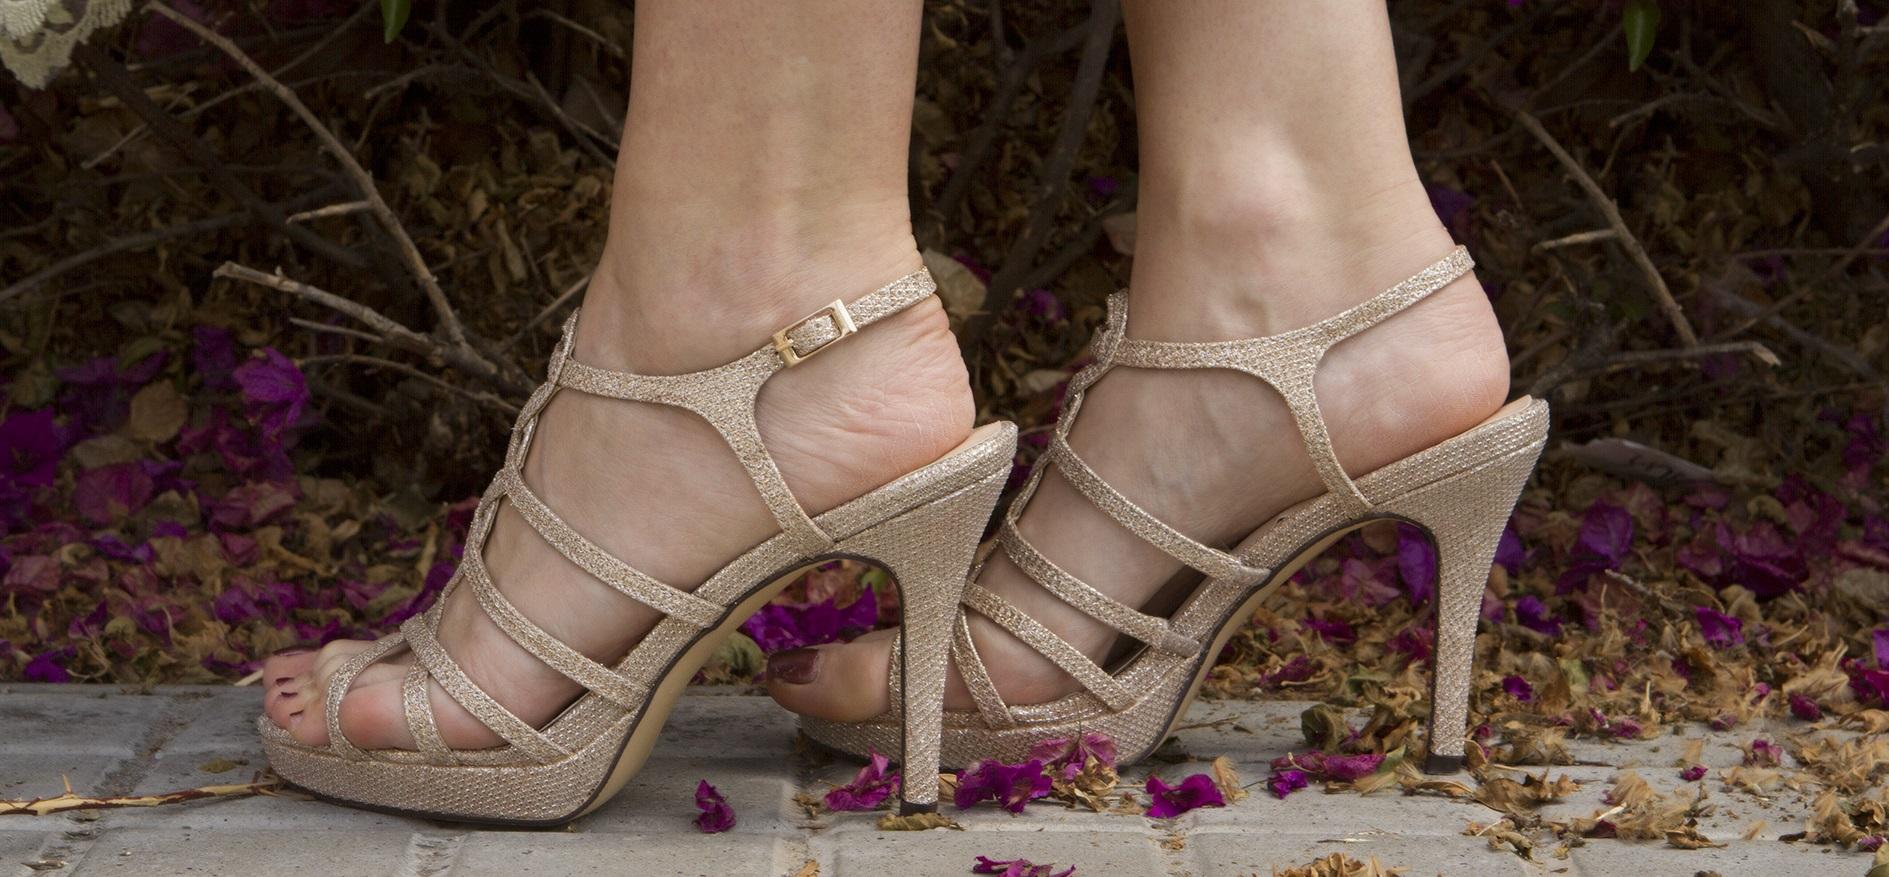 Sandalias Princesa Sandalias Sandalias Princesa De Fashion MenburTrendsamp; Fashion MenburTrendsamp; De De eDH9YIb2EW